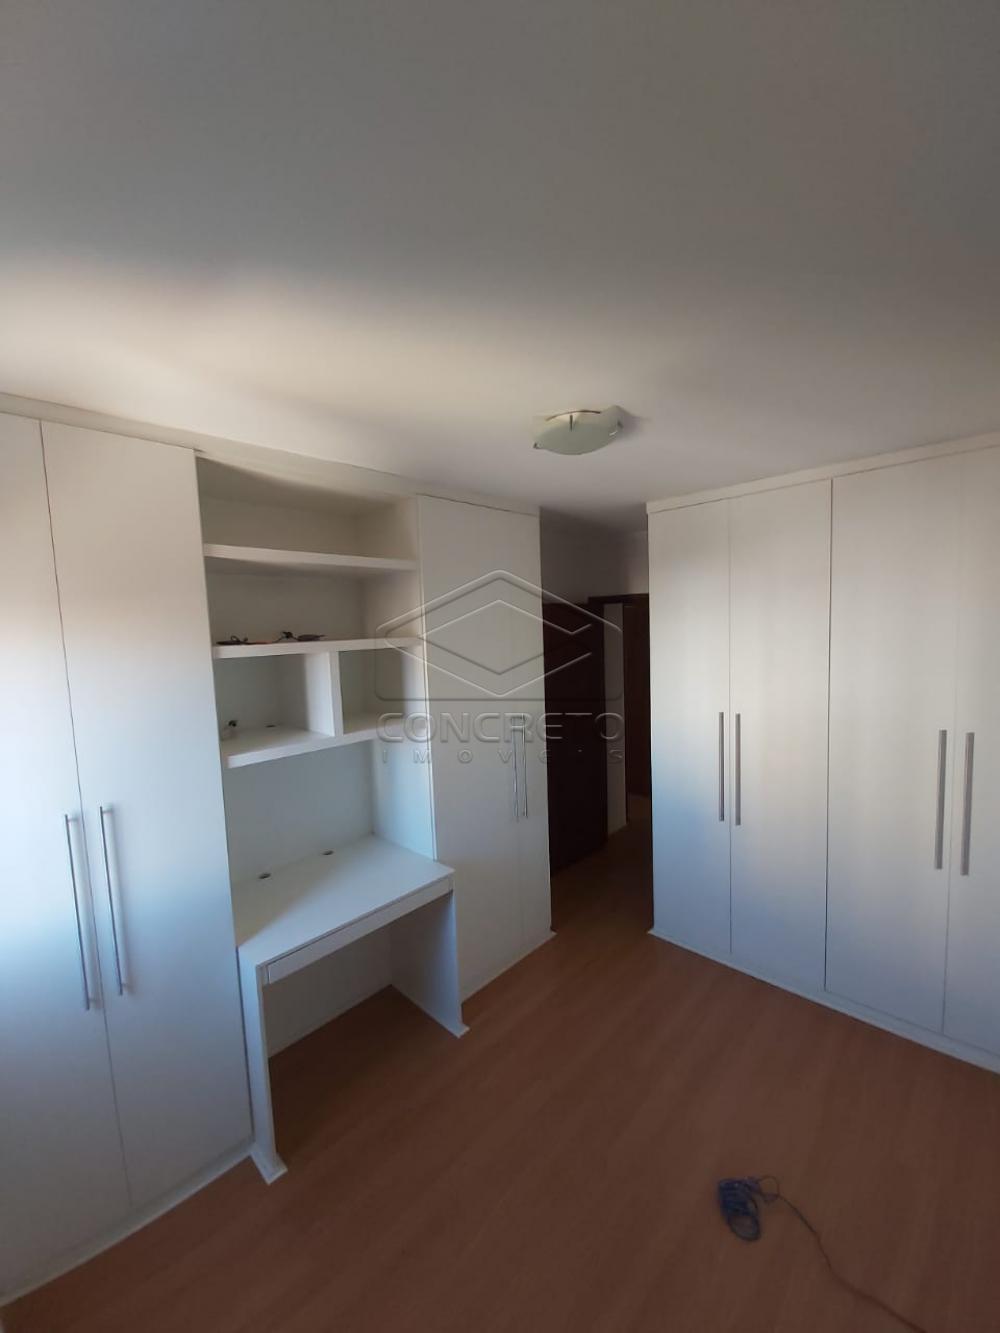 Comprar Apartamento / Padrão em Bauru R$ 510.000,00 - Foto 13